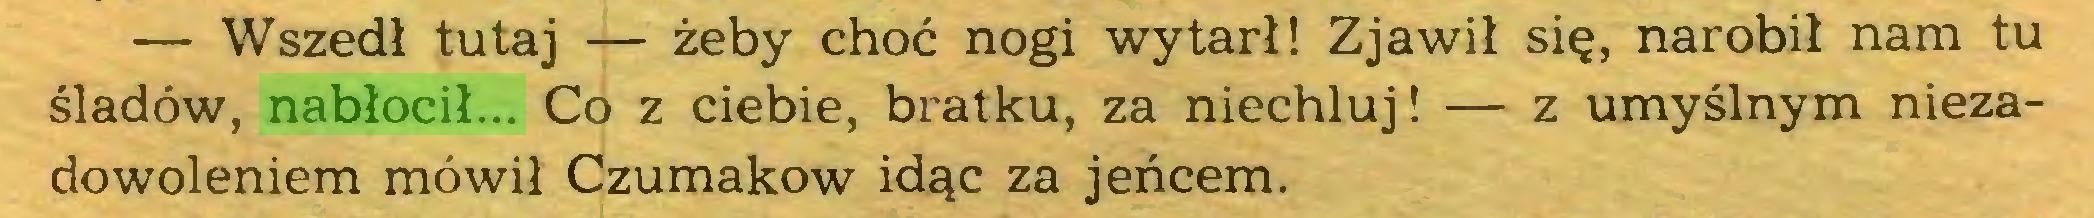 (...) — Wszedł tutaj — żeby choć nogi wytarł! Zjawił się, narobił nam tu śladów, nabłocił... Co z ciebie, bratku, za niechluj! — z umyślnym niezadowoleniem mówił Czumakow idąc za jeńcem...